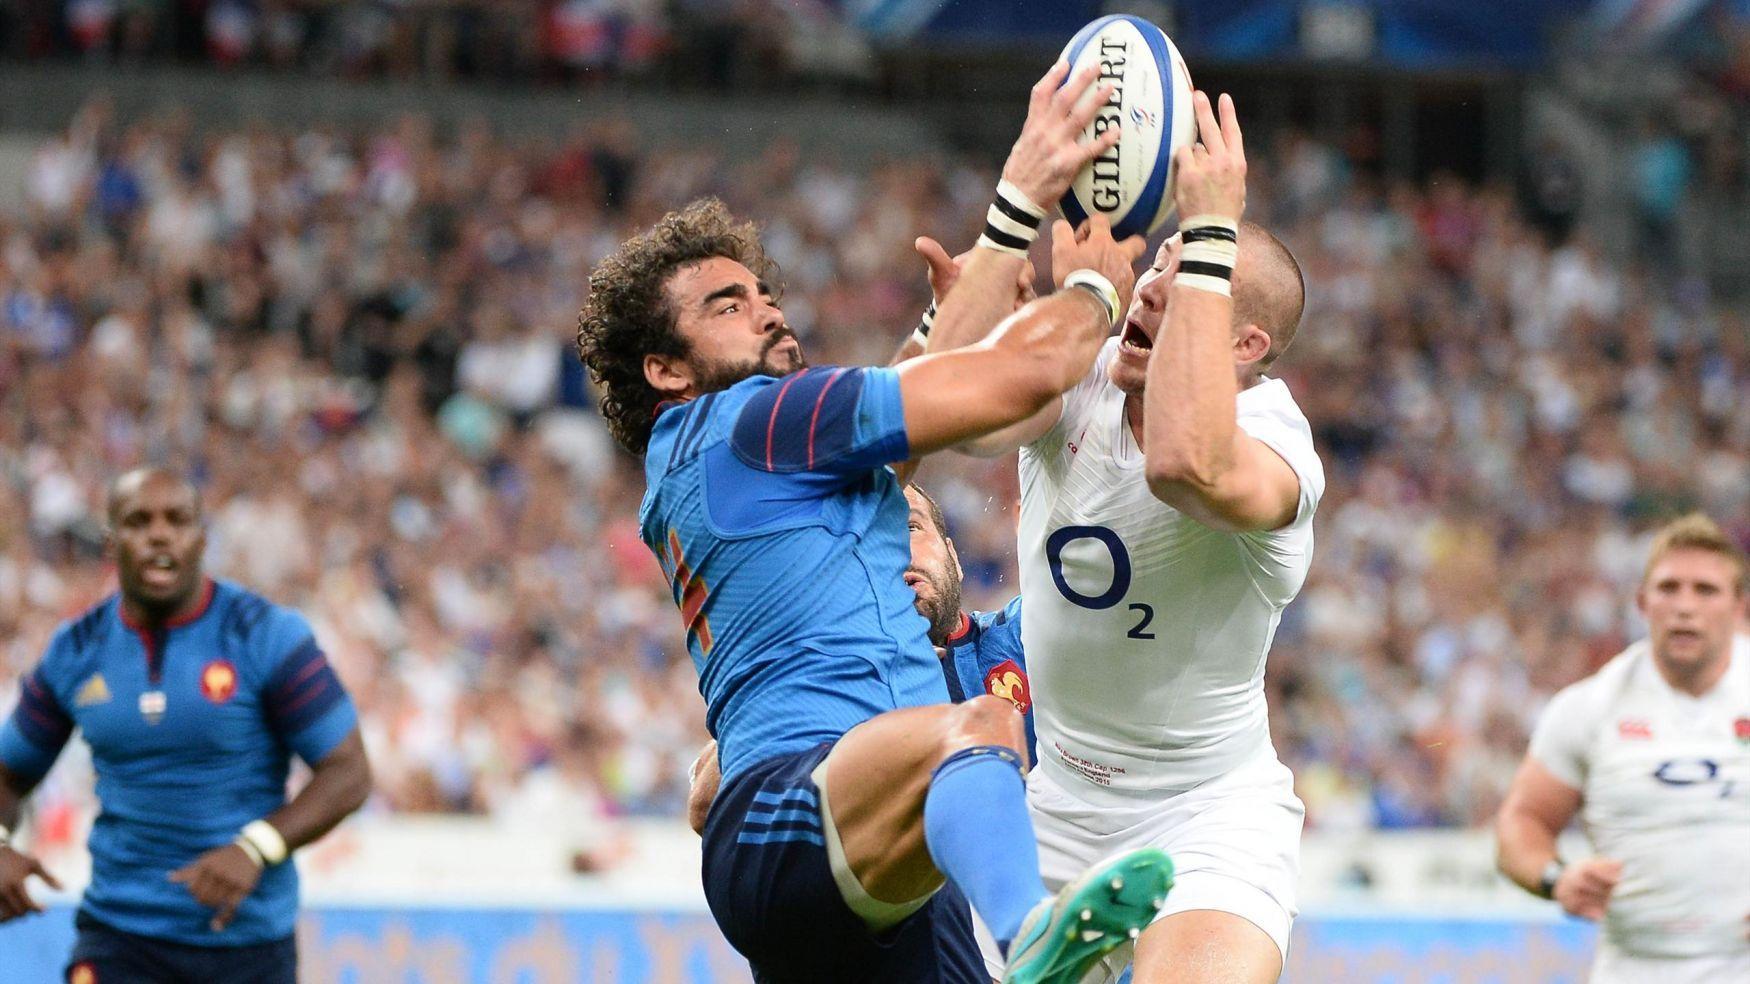 Rugby, FranceAngleterre (2520) Que s'estil passé dans